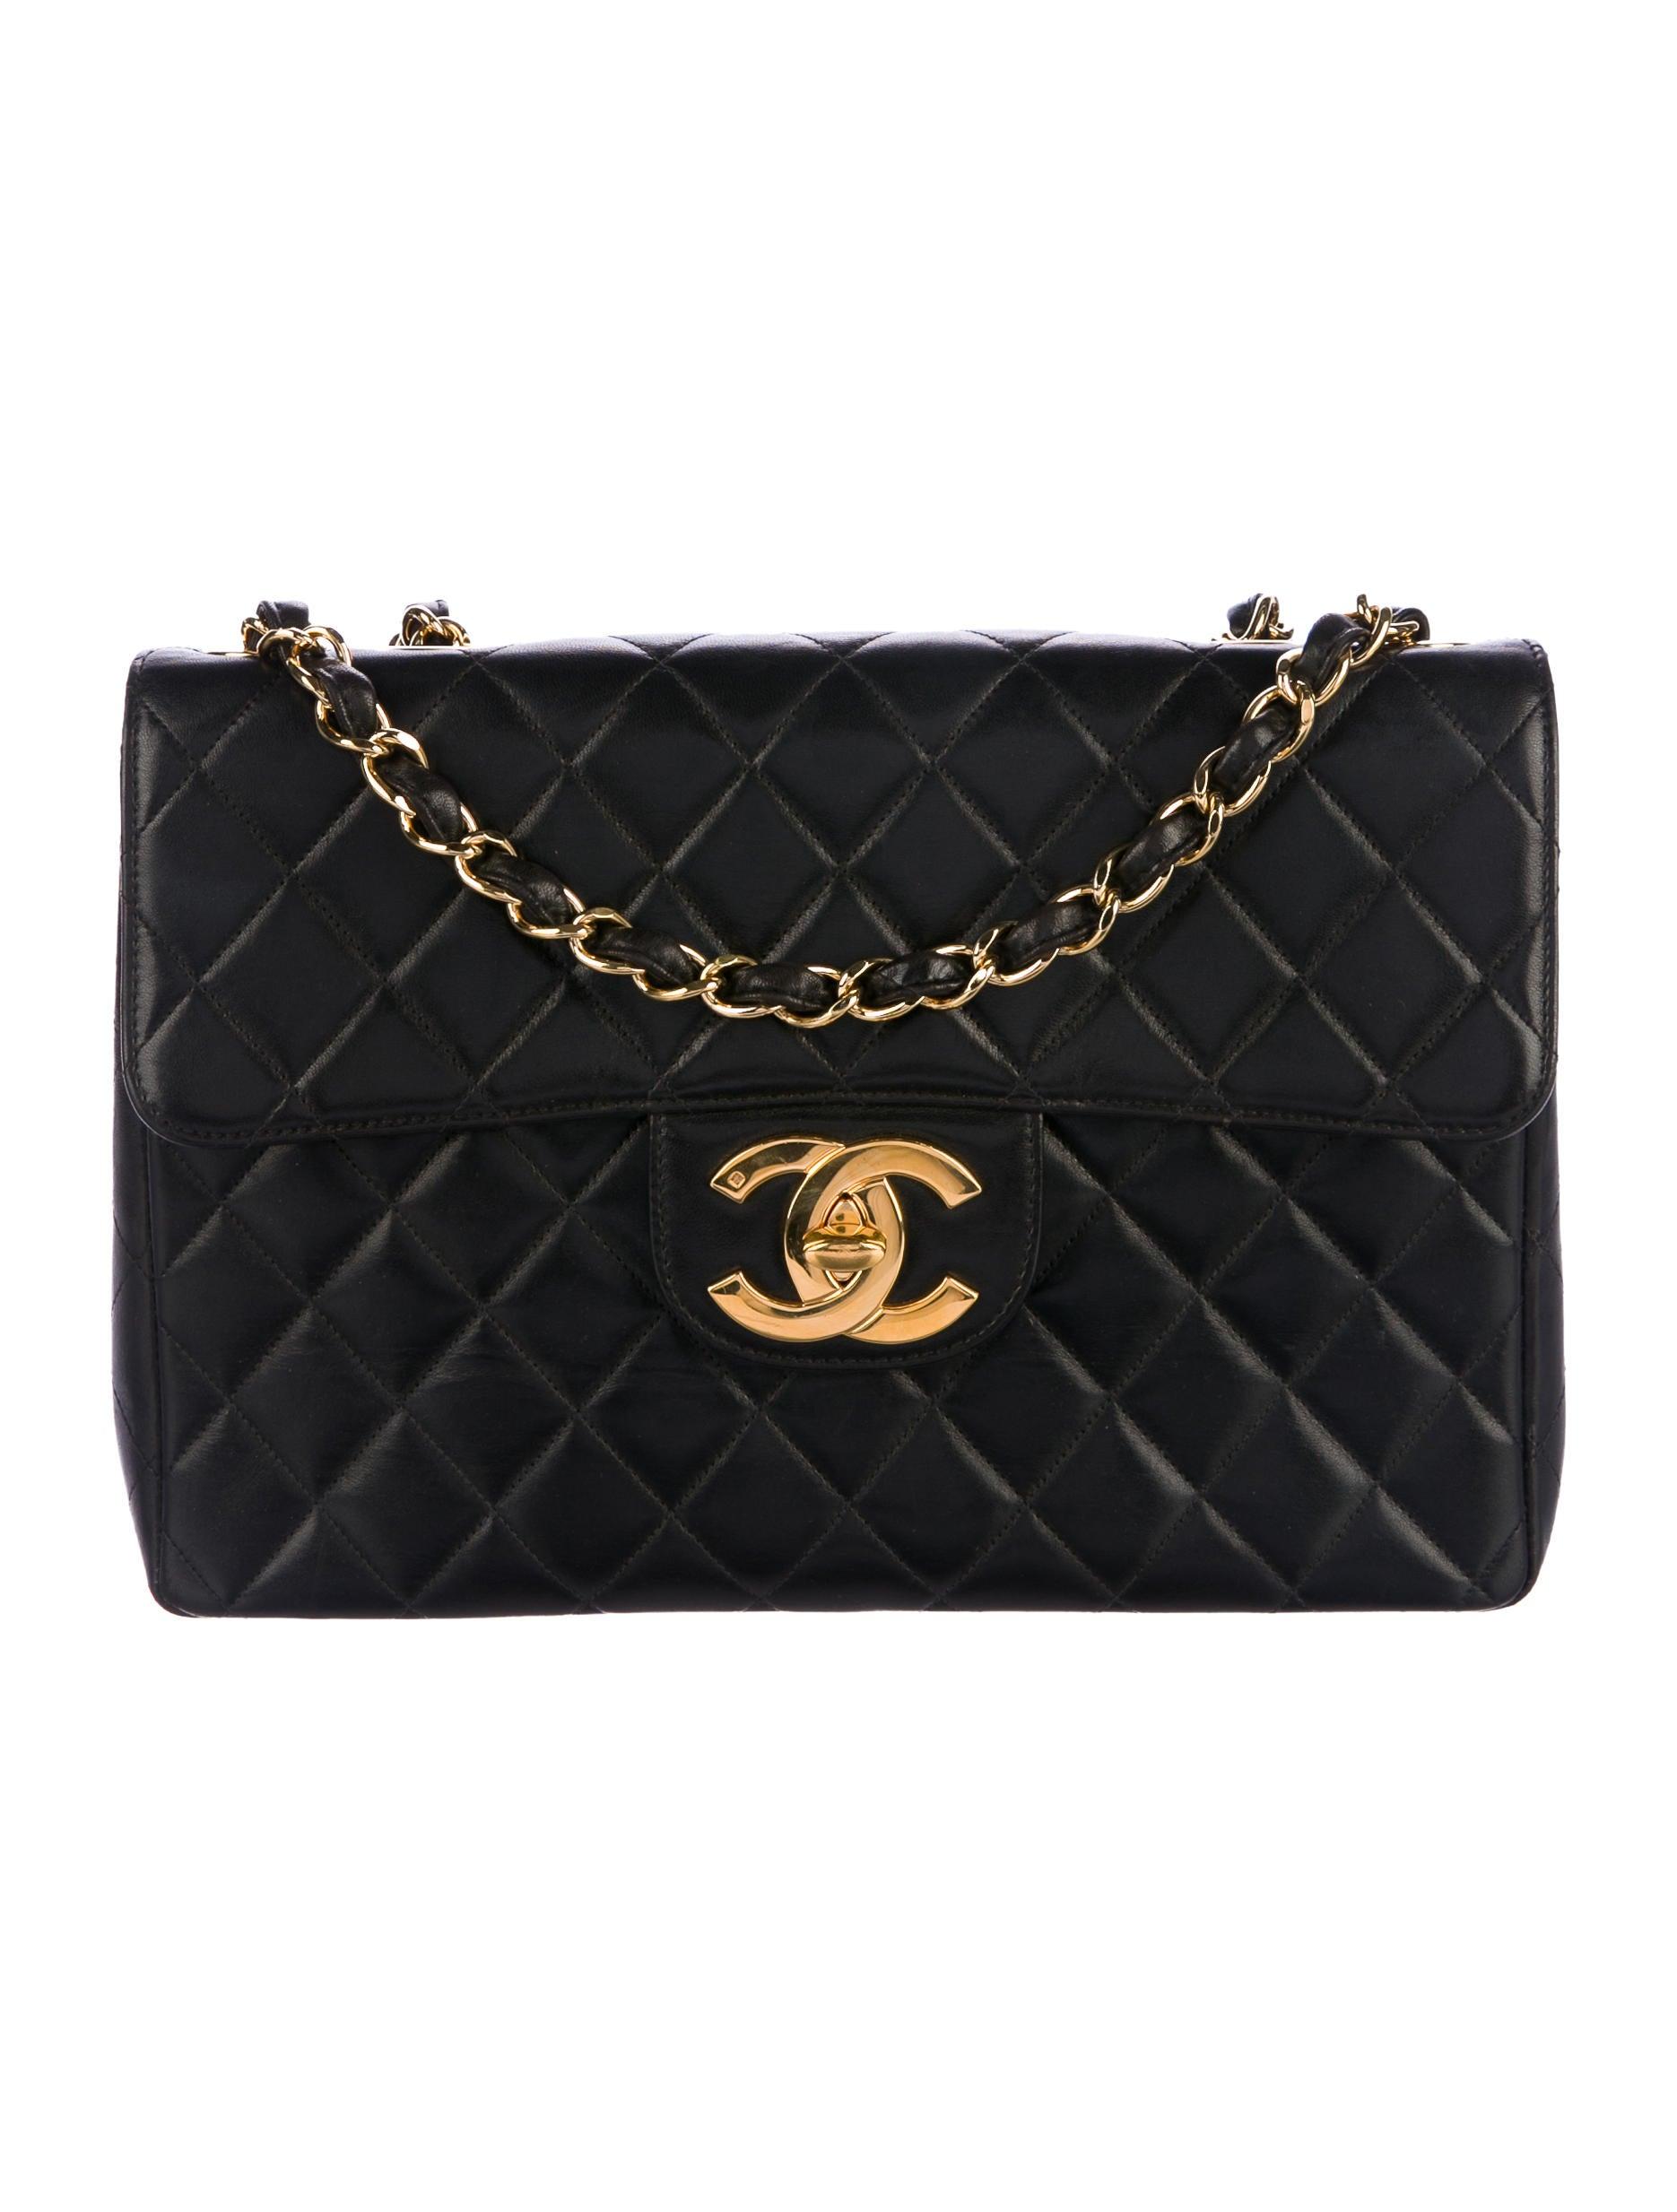 Chanel Väskor Vintage : Chanel vintage classic jumbo flap bag handbags